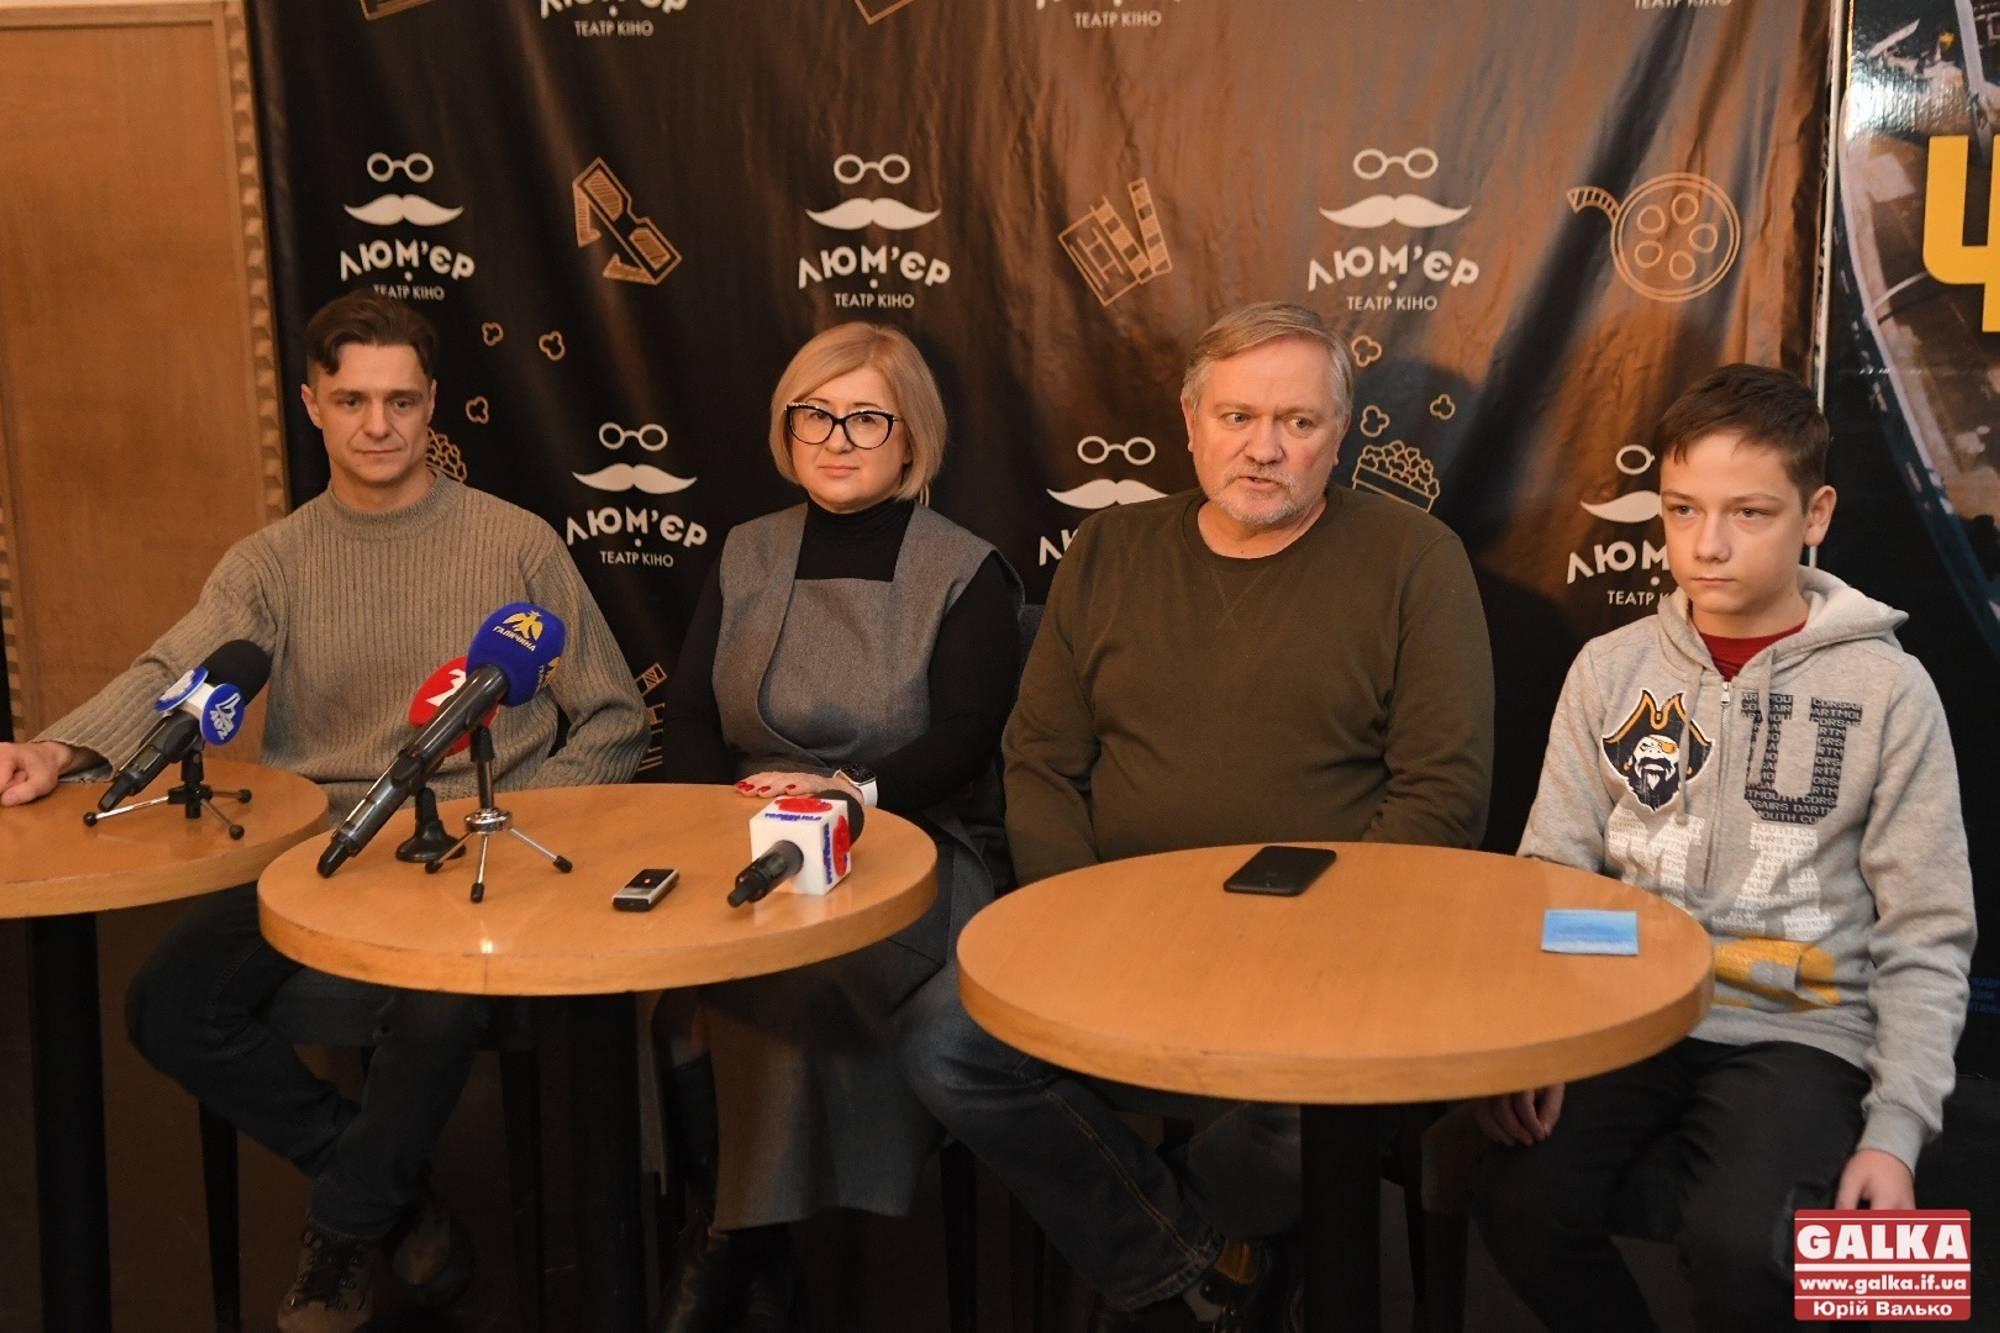 Новорічна казка для дорослих: у Франківську презентували фільм, знятий в прикарпатських горах (ФОТО)